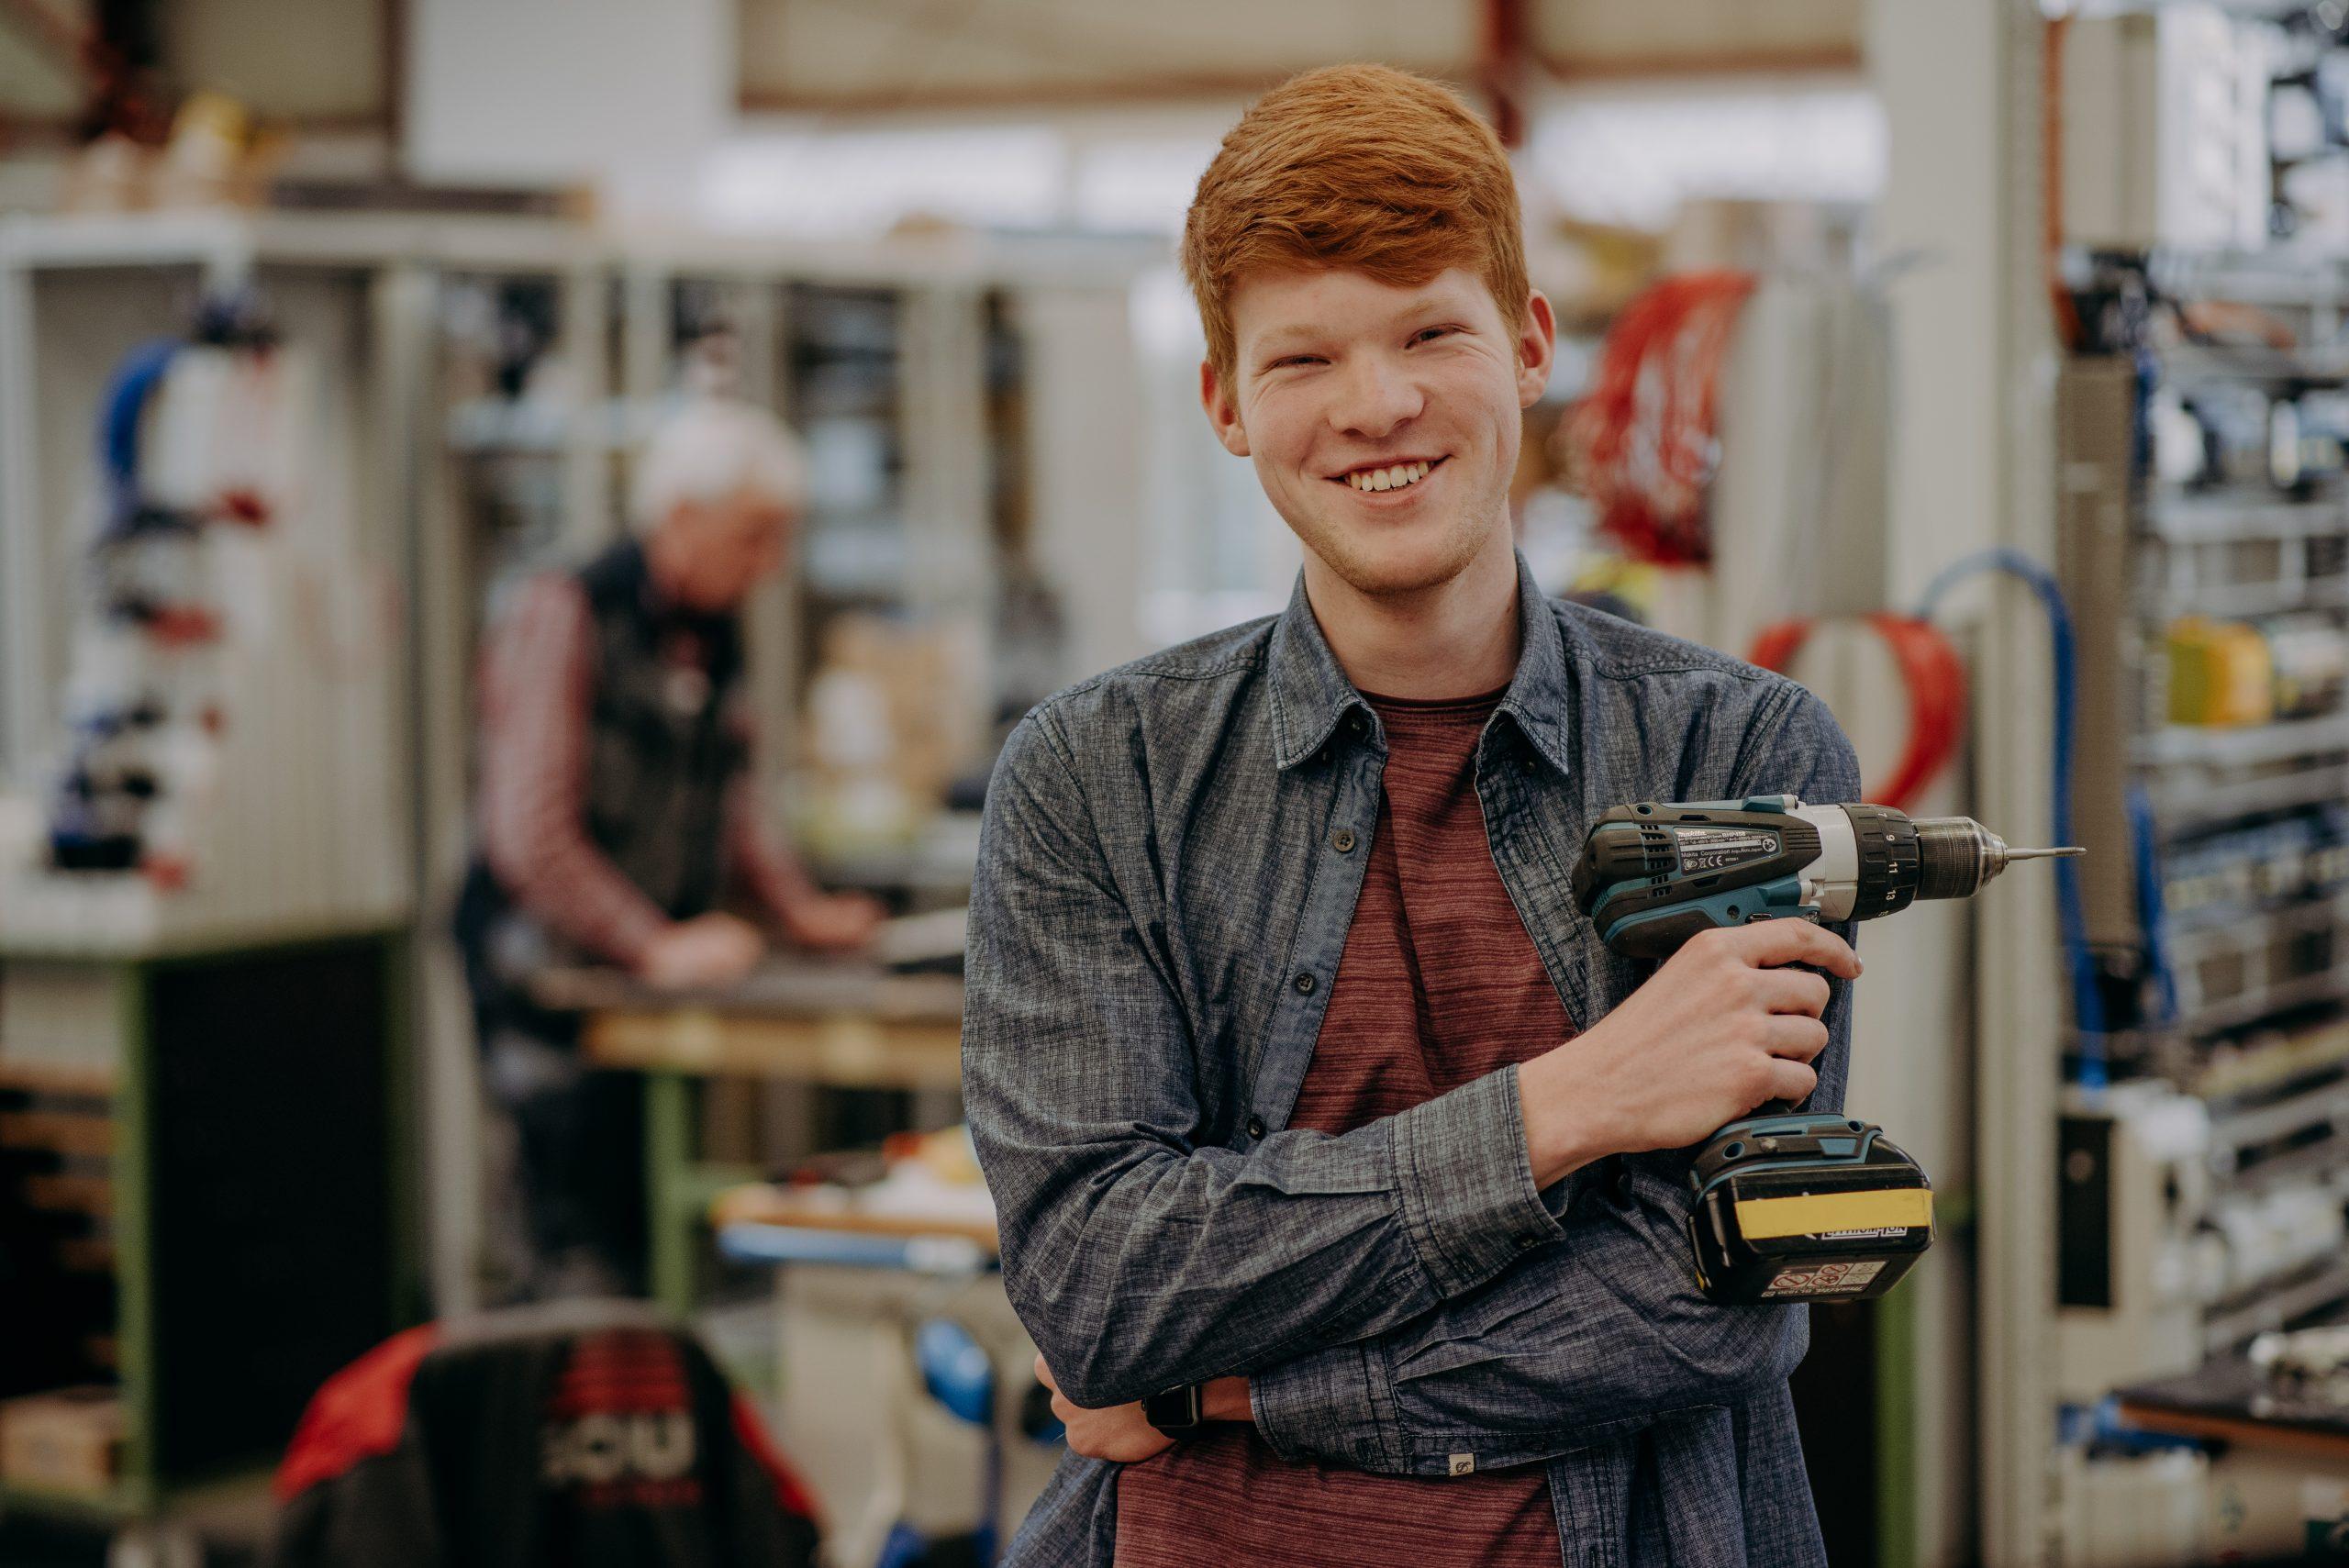 junger Mann mit Akkuschrauber in Werkstatt